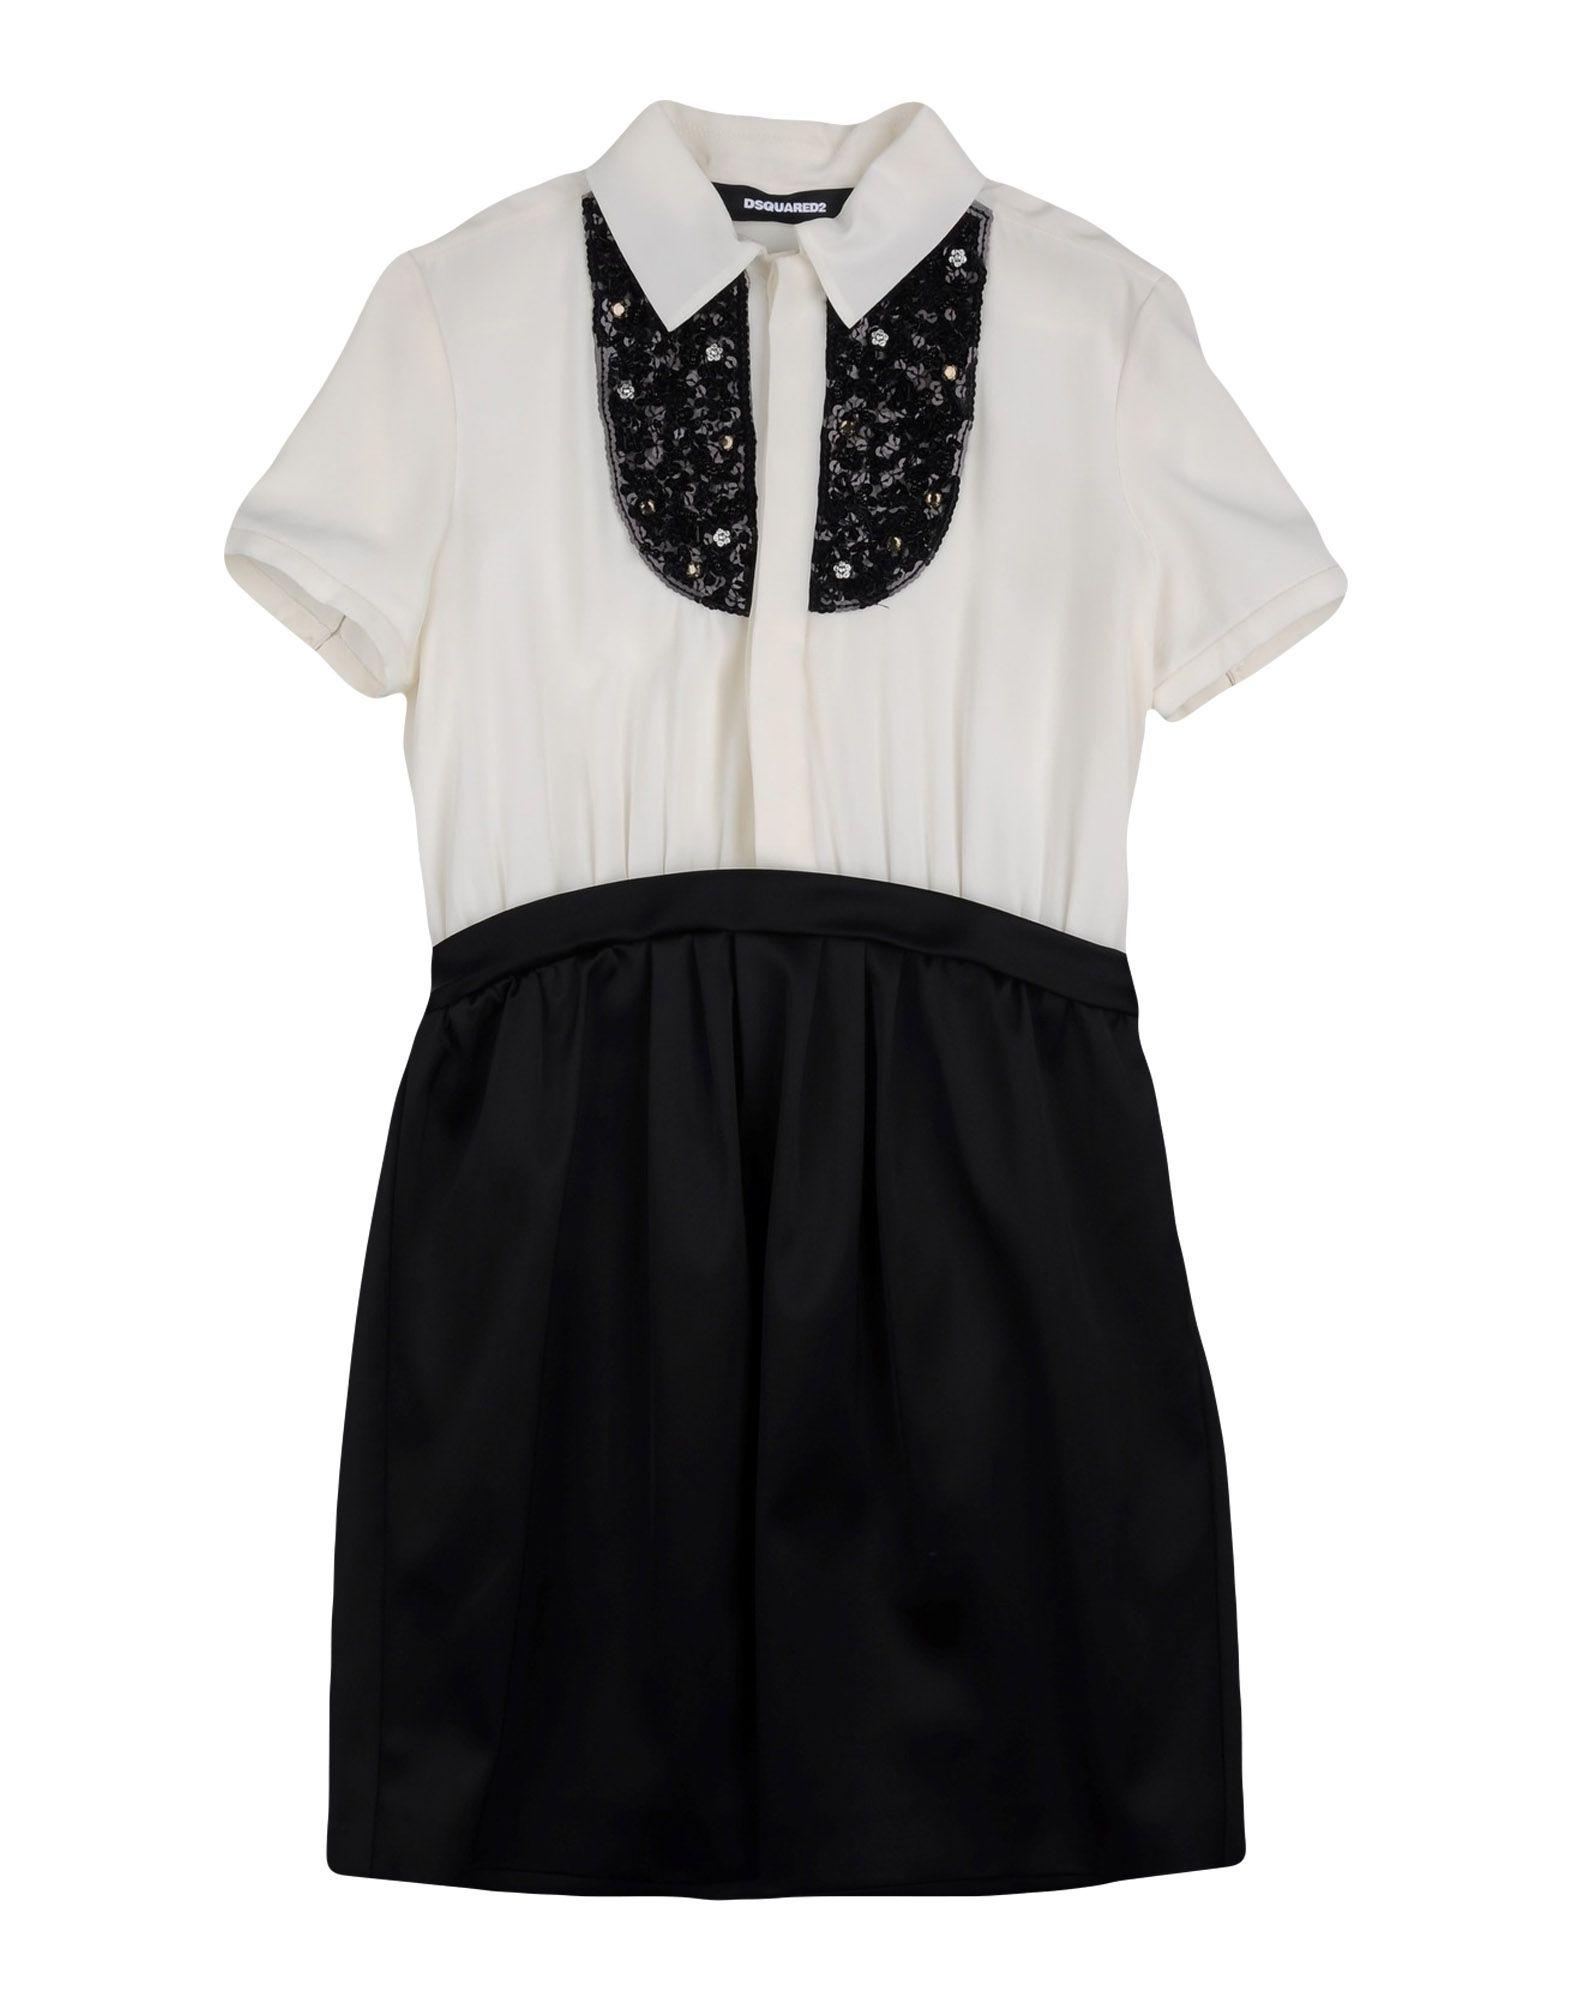 DSQUARED2 Mädchen 9-16 jahre Kleid Farbe Schwarz Größe 4